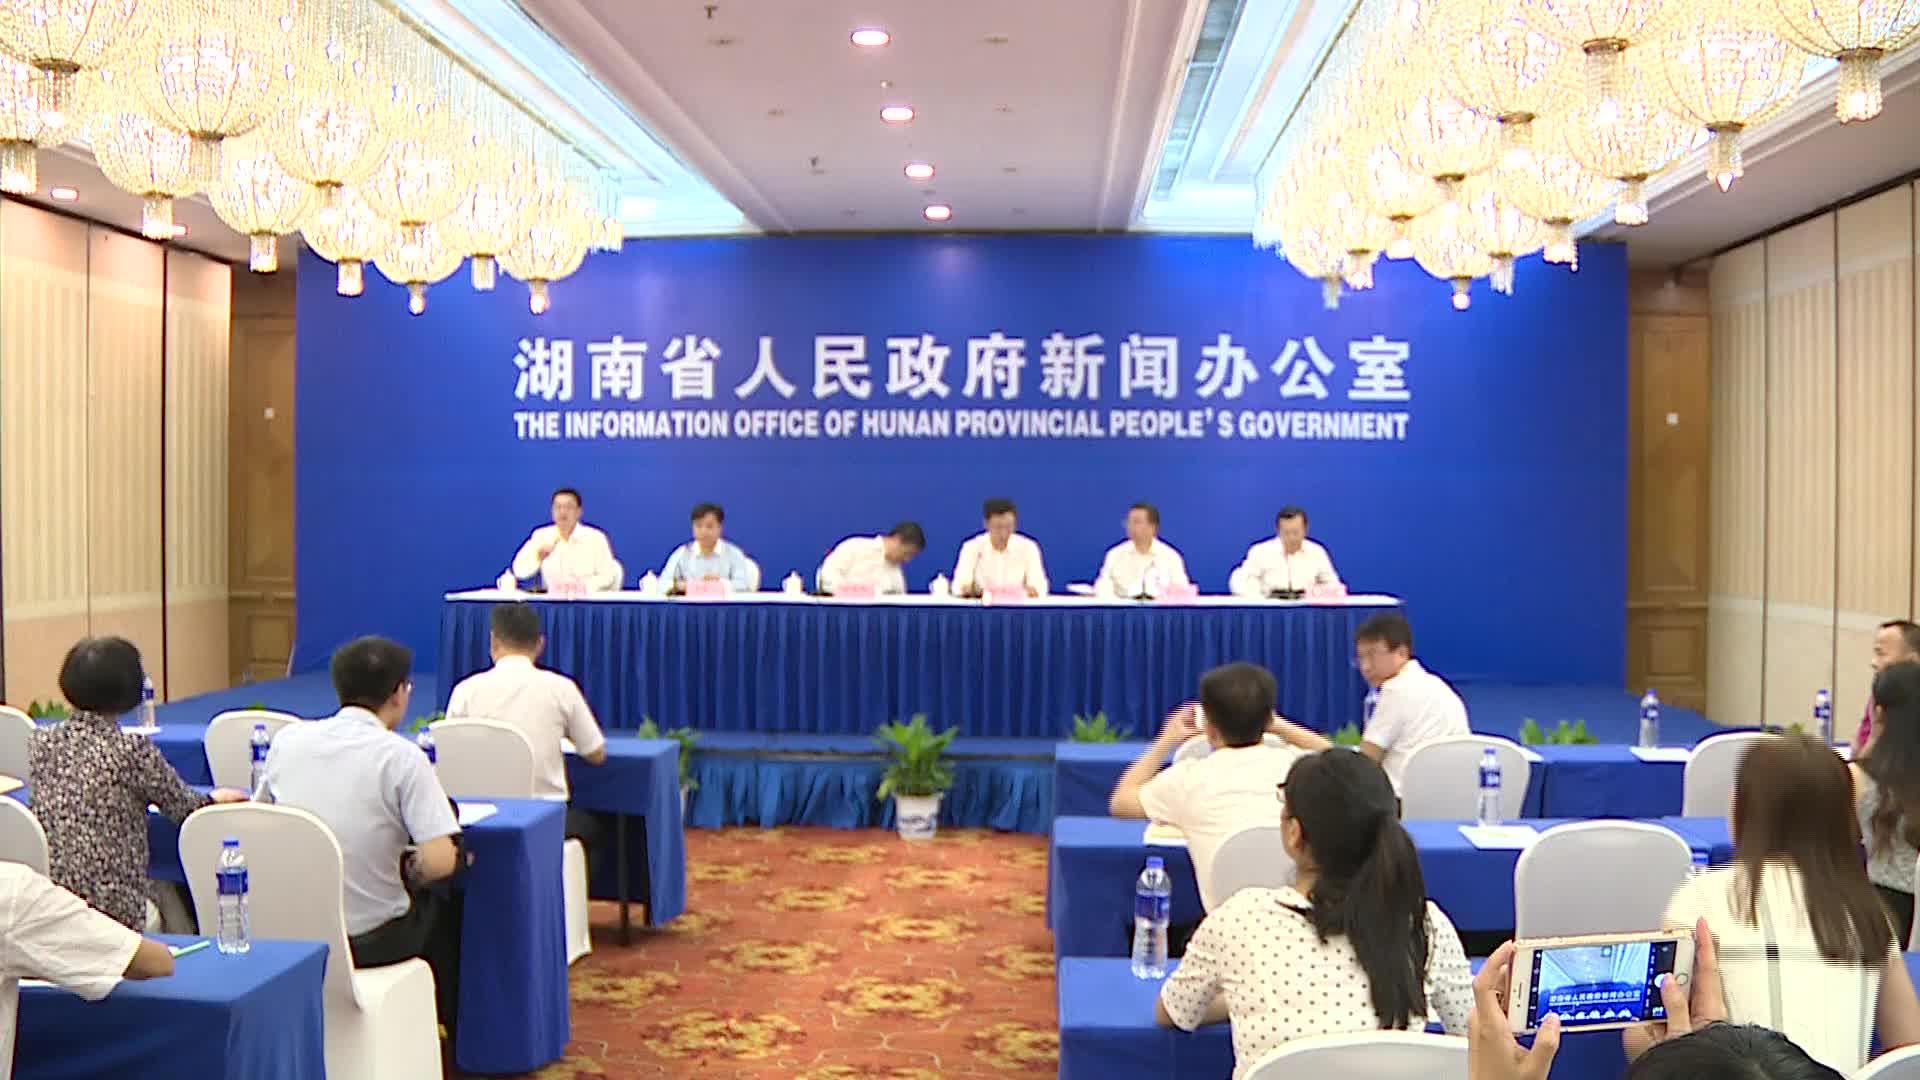 【全程回放】《湖南省人民政府关于贯彻落实创新引领开放崛起战略促进经济增效财政增收的若干意见》解读